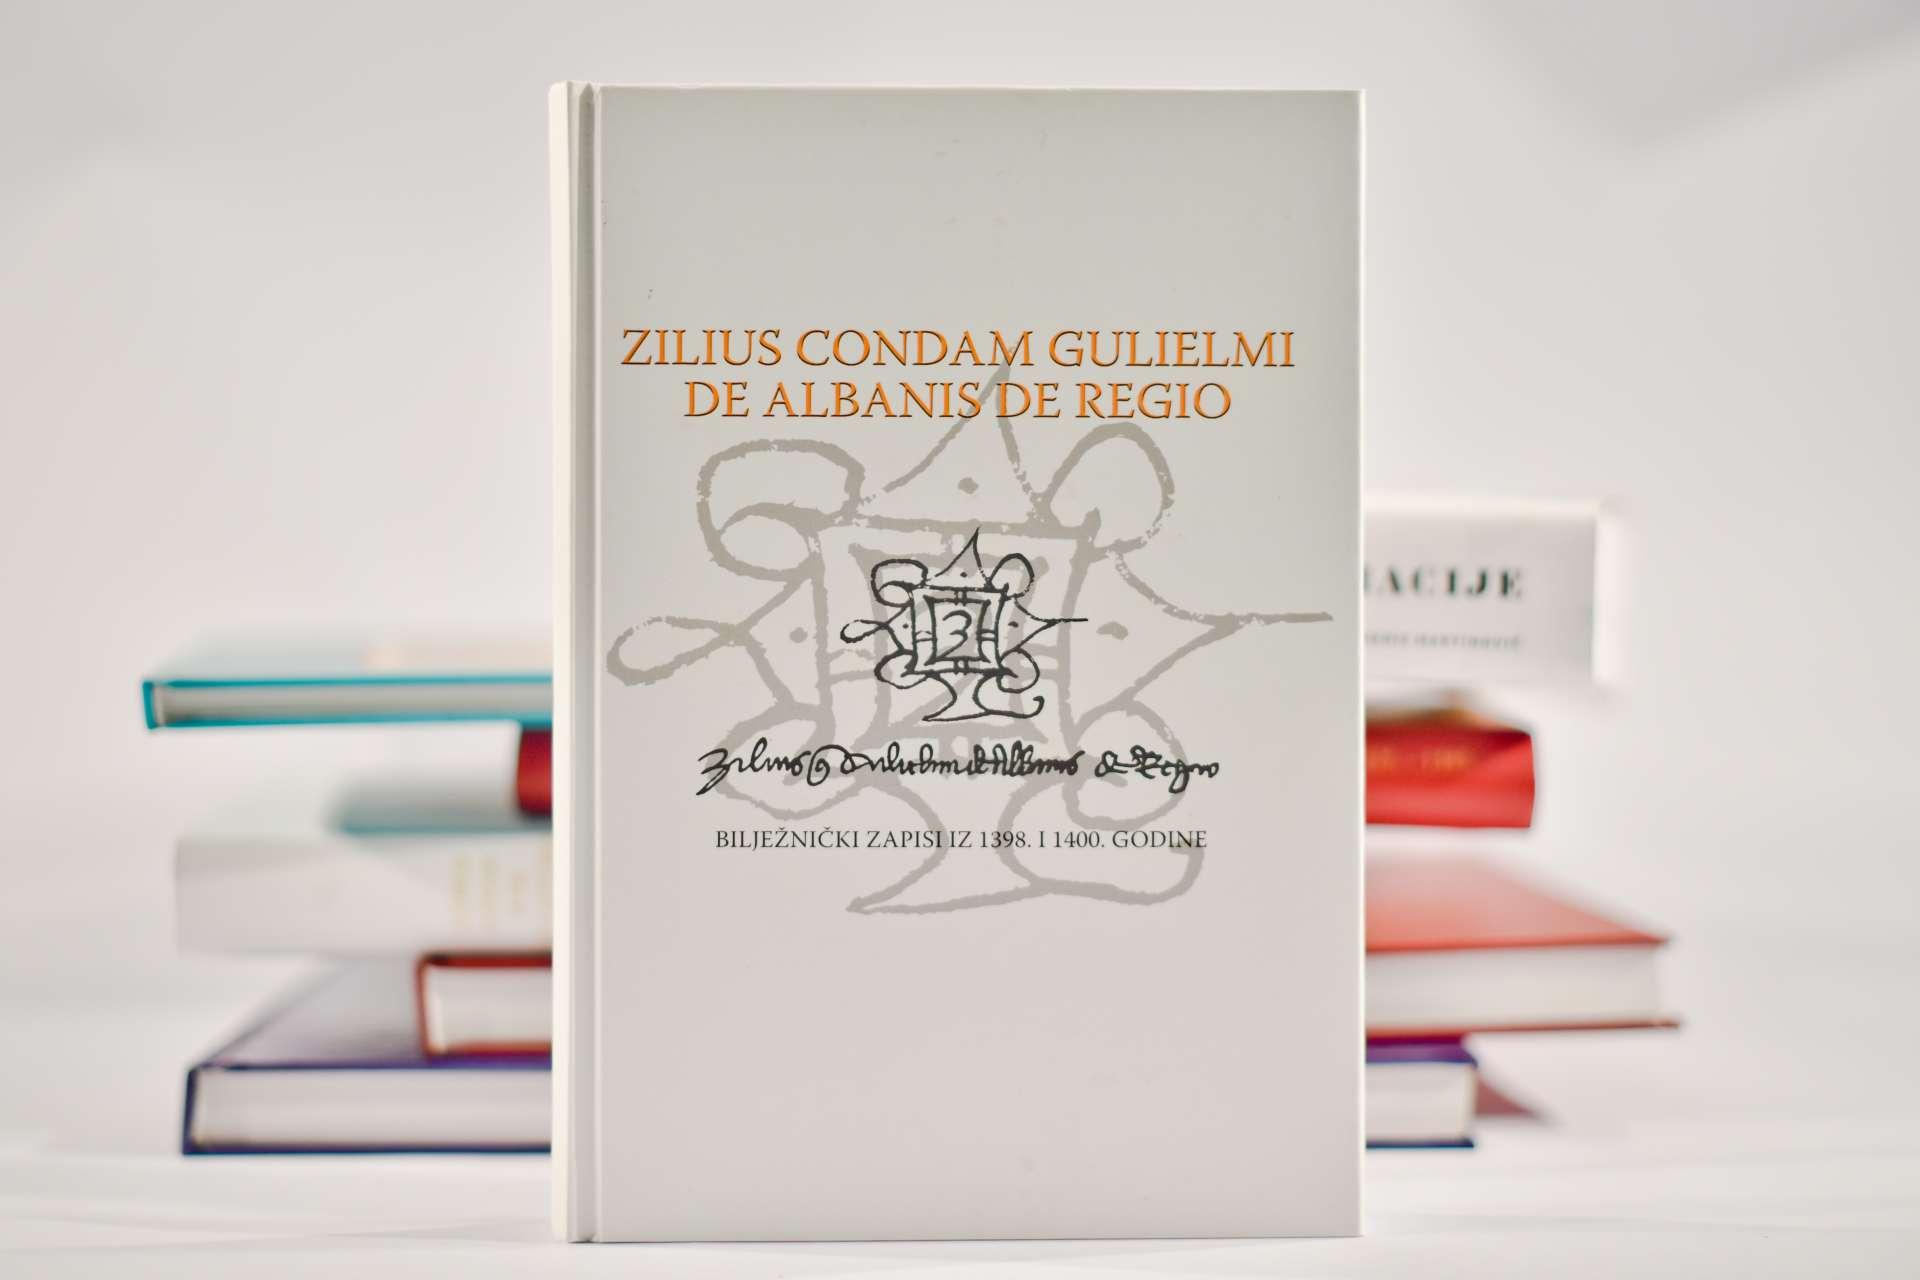 ZILIO POK. GULIELMA DE ALBANIS DE REGIO BILJEŽNIČKI ZAPISI IZ 1398. I 1400. GODINE